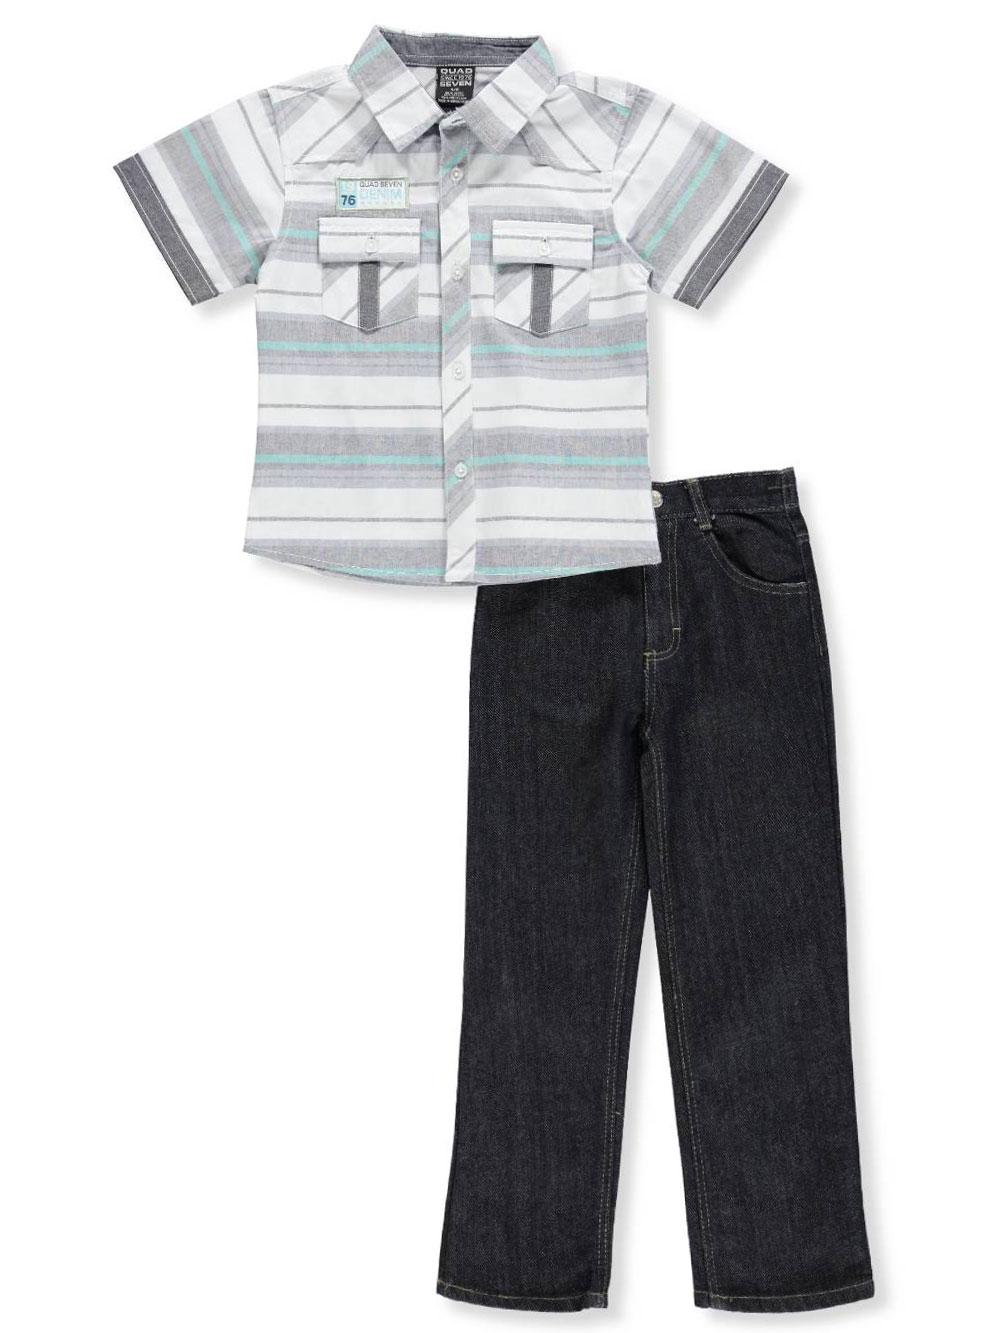 3c07c2383 Quad Seven Boys' 2-Piece Pants Set Outfit